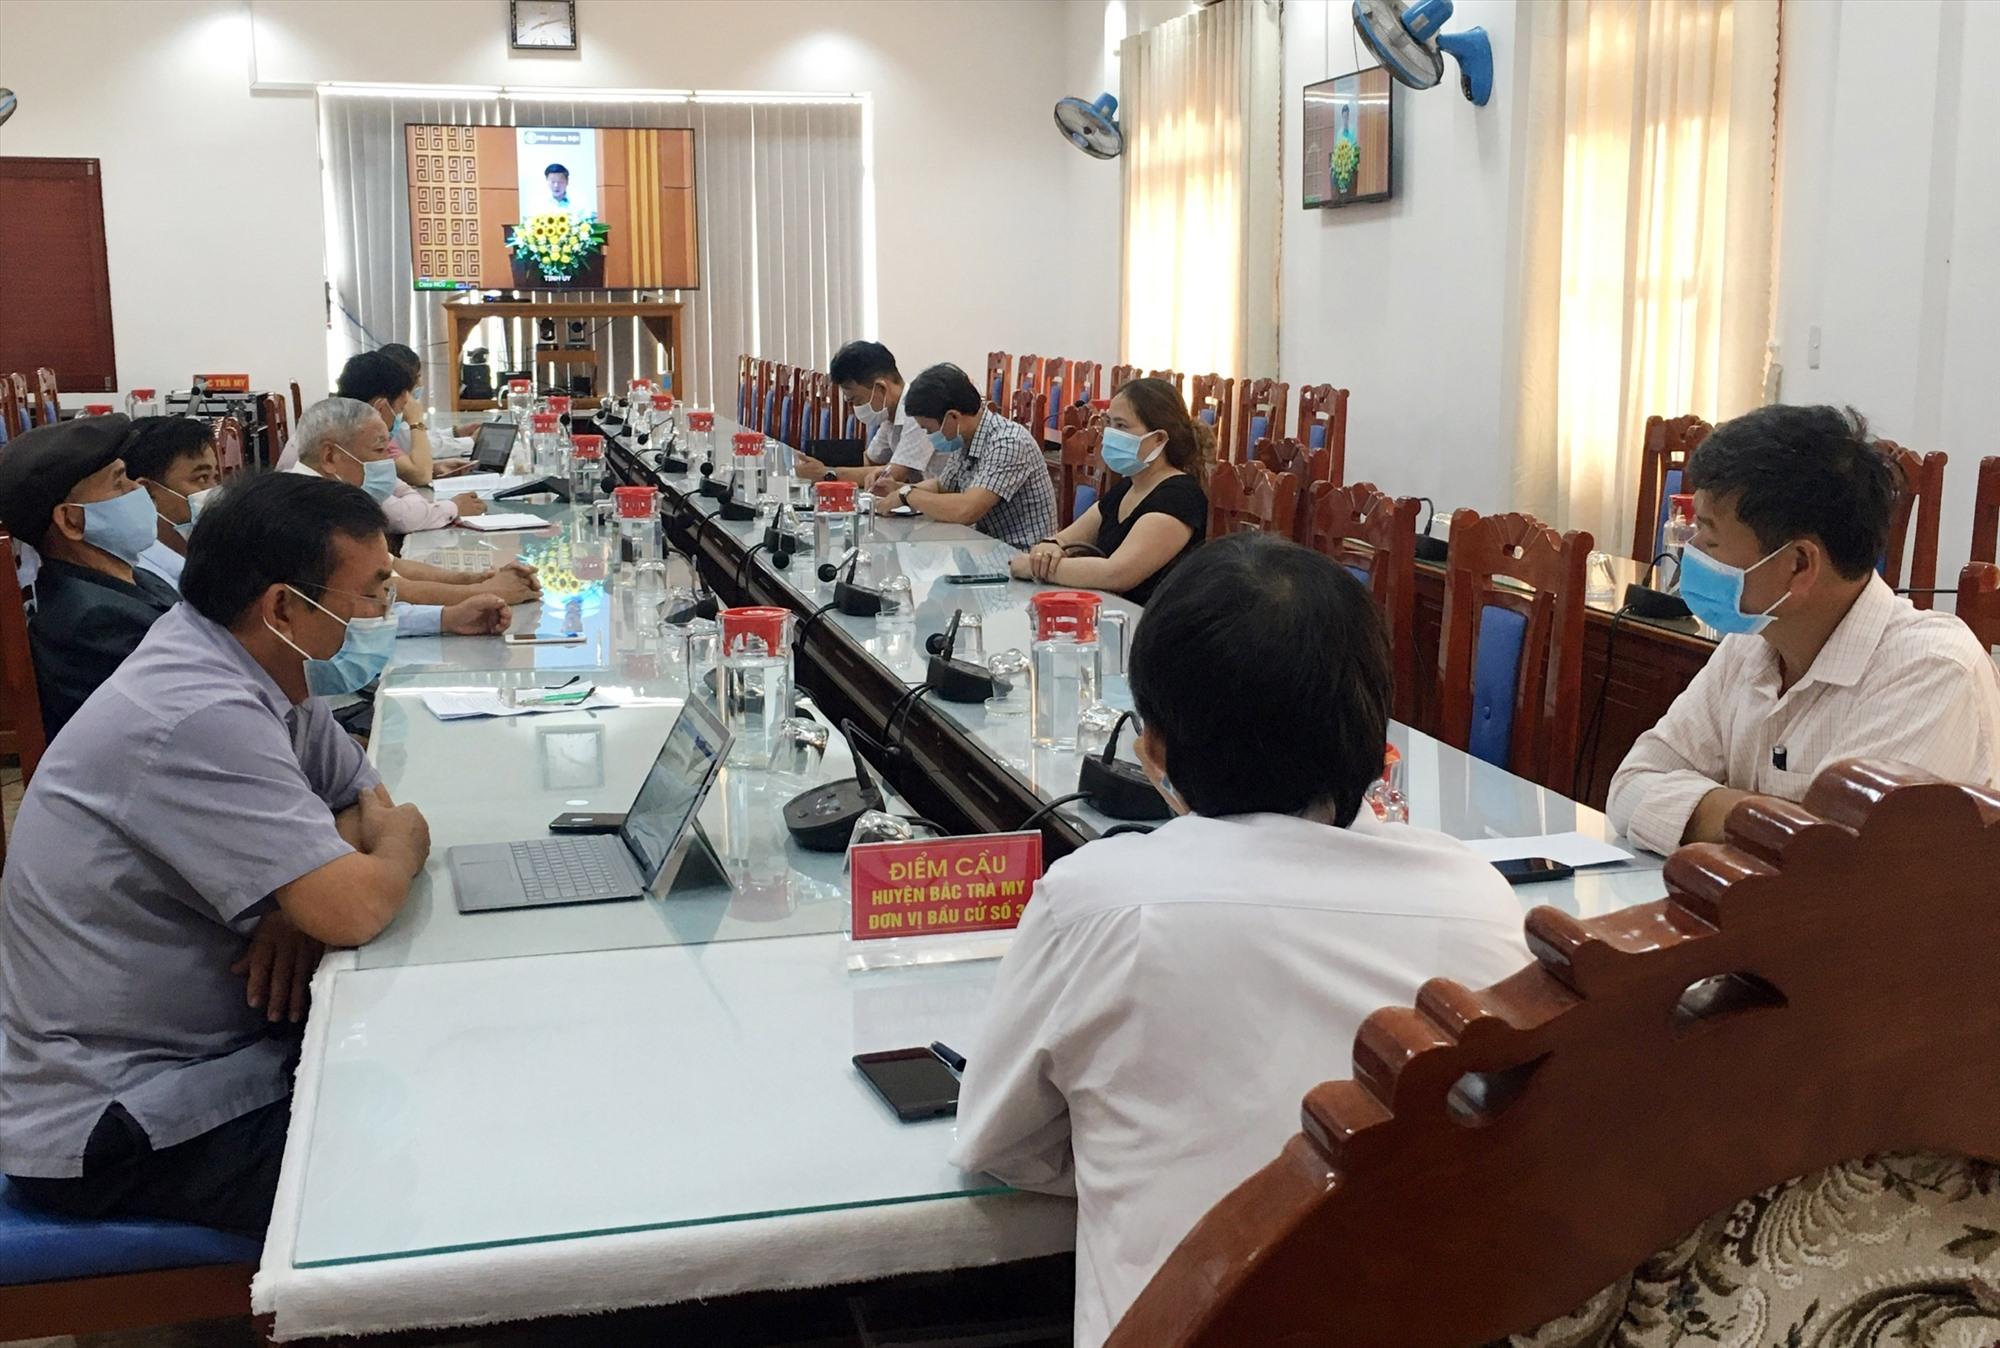 Huyện Bắc Trà My đã kết nối hội nghị trực tuyến với 4 cấp trung ương - tỉnh - huyện - xã. Ảnh: N.Đ